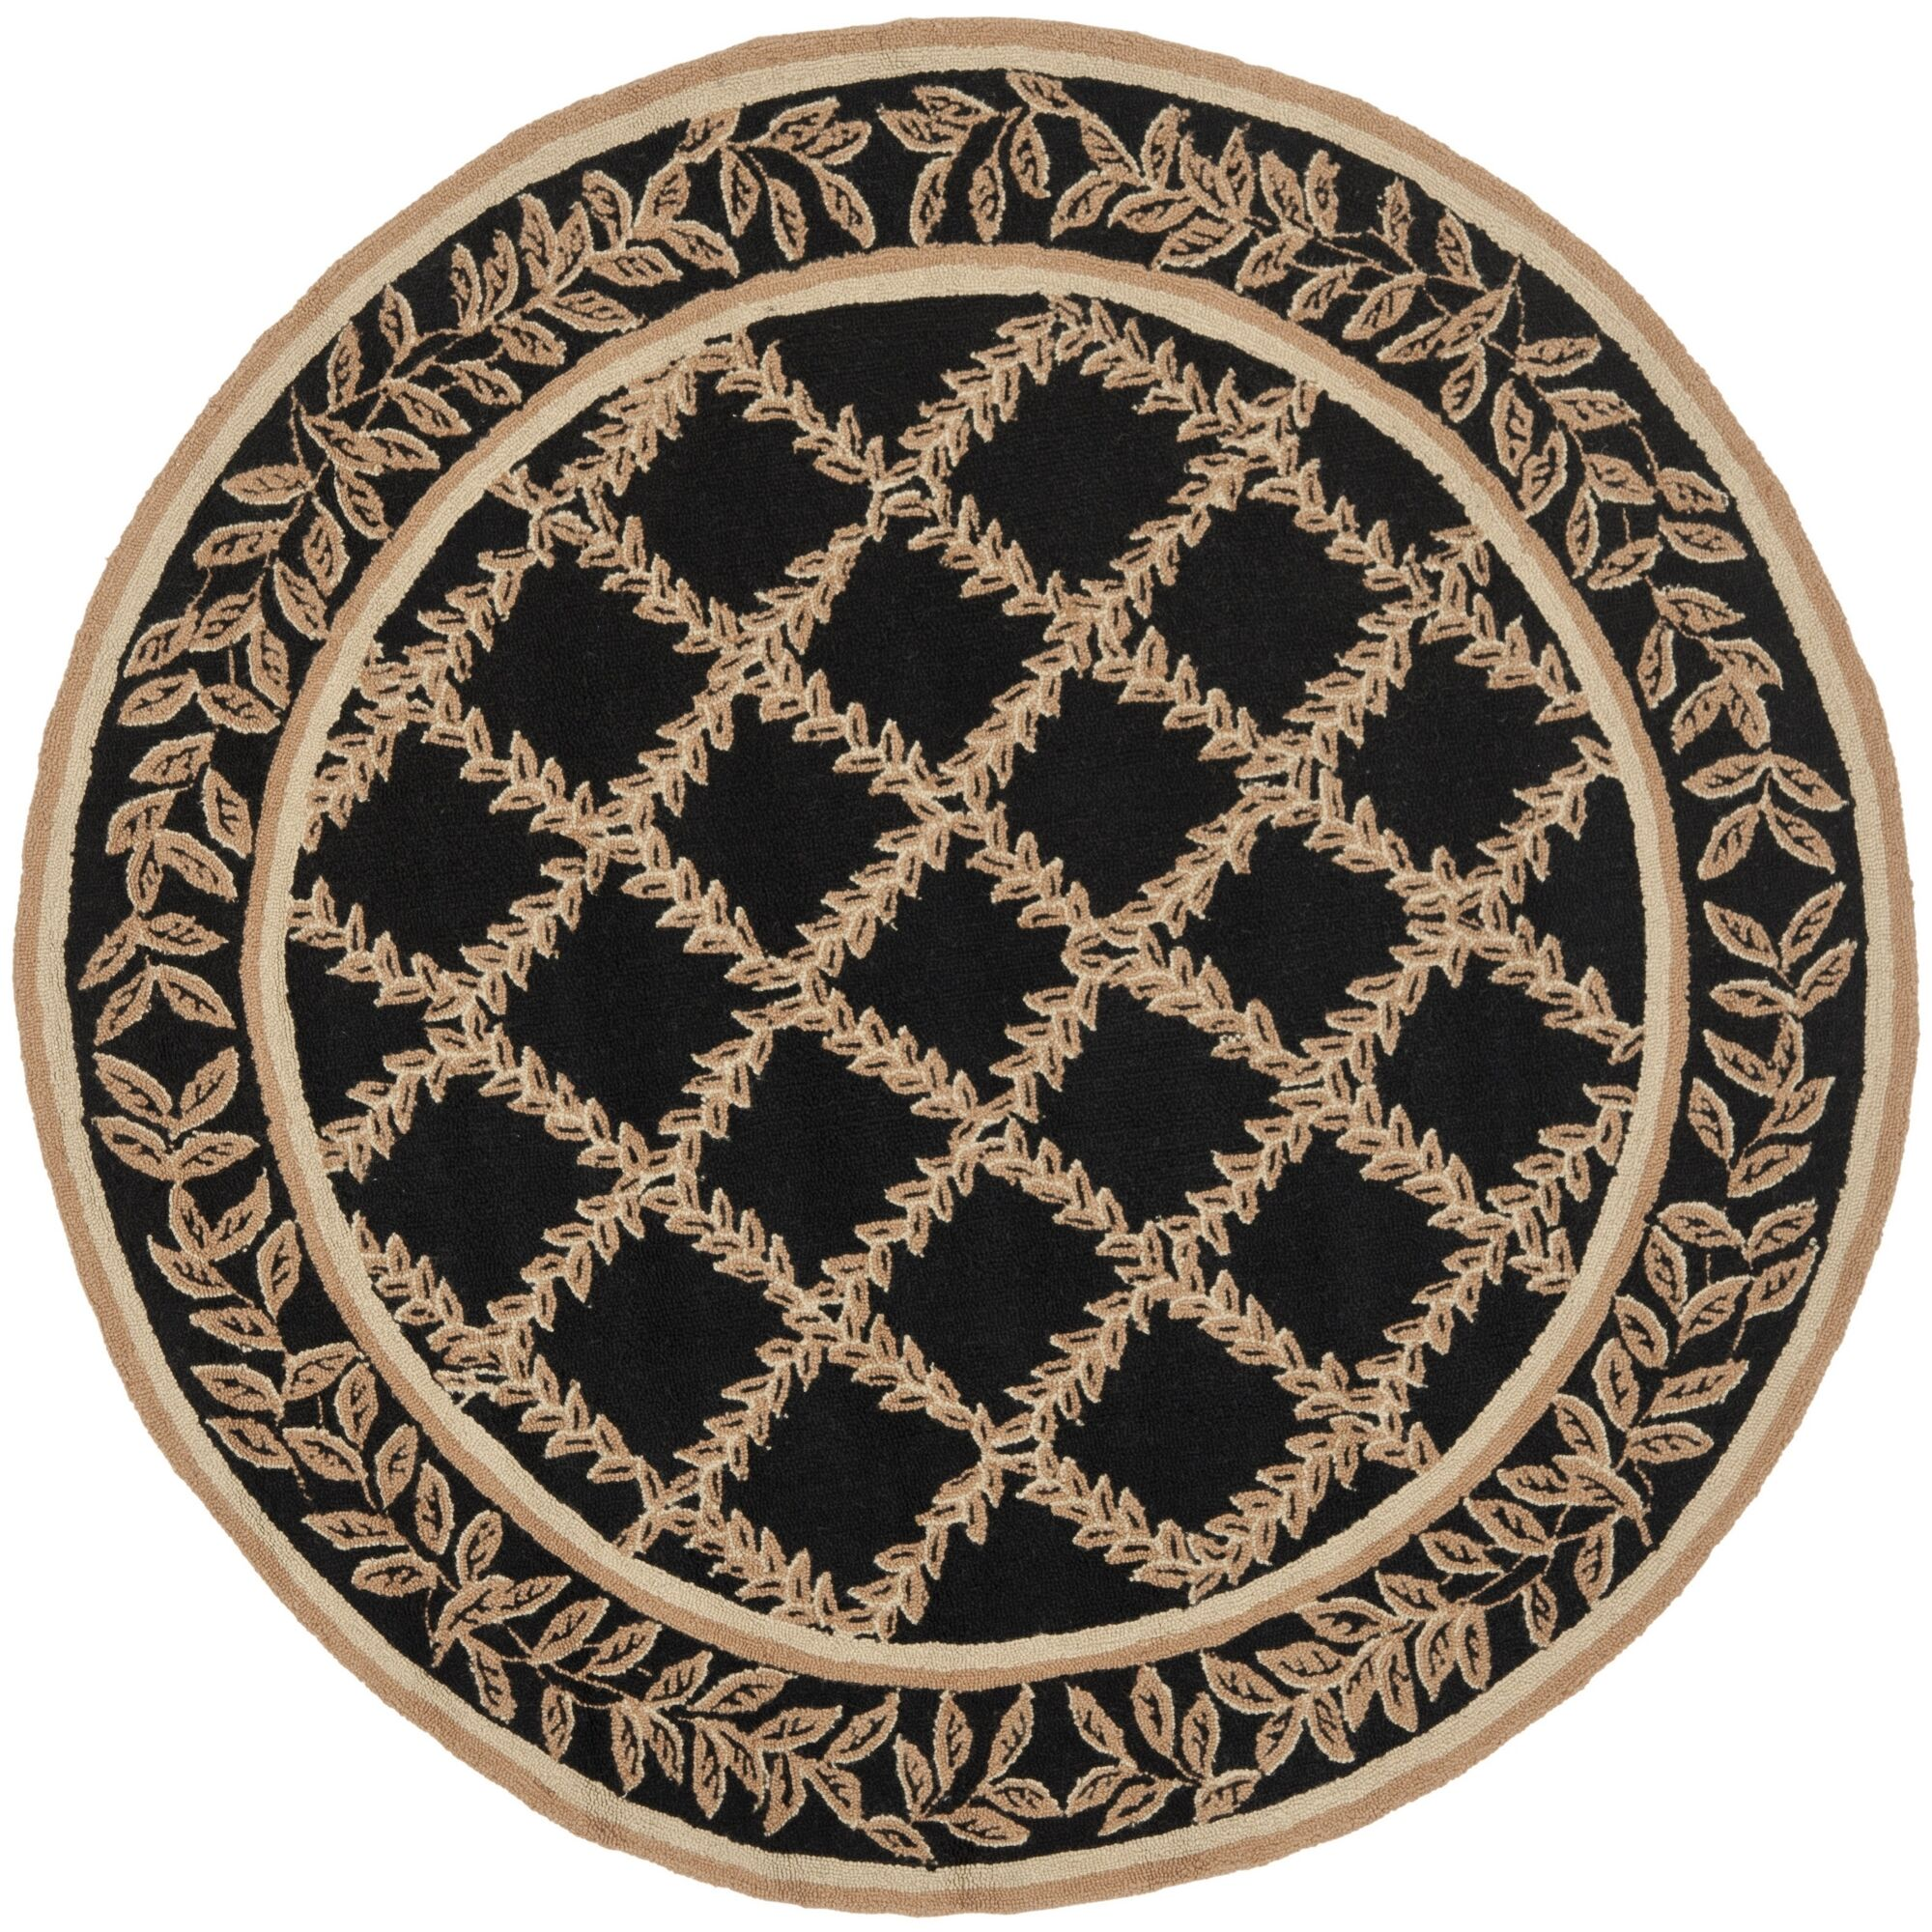 Kinchen Black/Beige Wilton Trellis Area Rug Rug Size: Round 8'